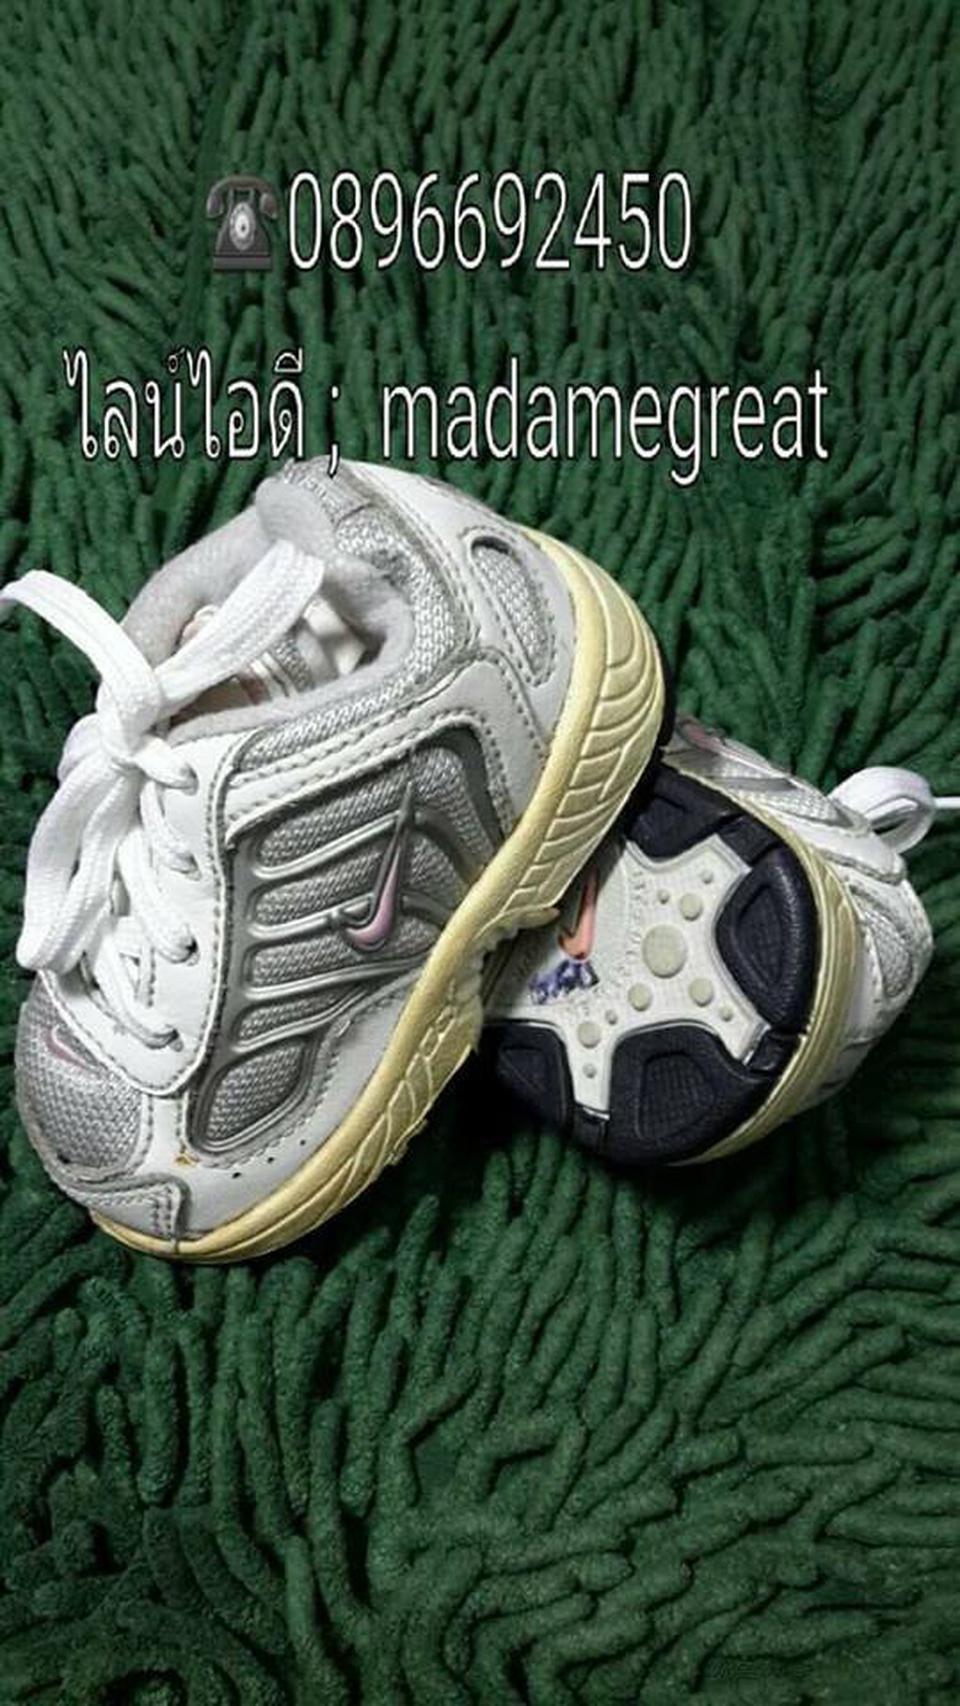 รองเท้าเด็กNIKE ของแท้มือสองสภาพดี รูปที่ 1